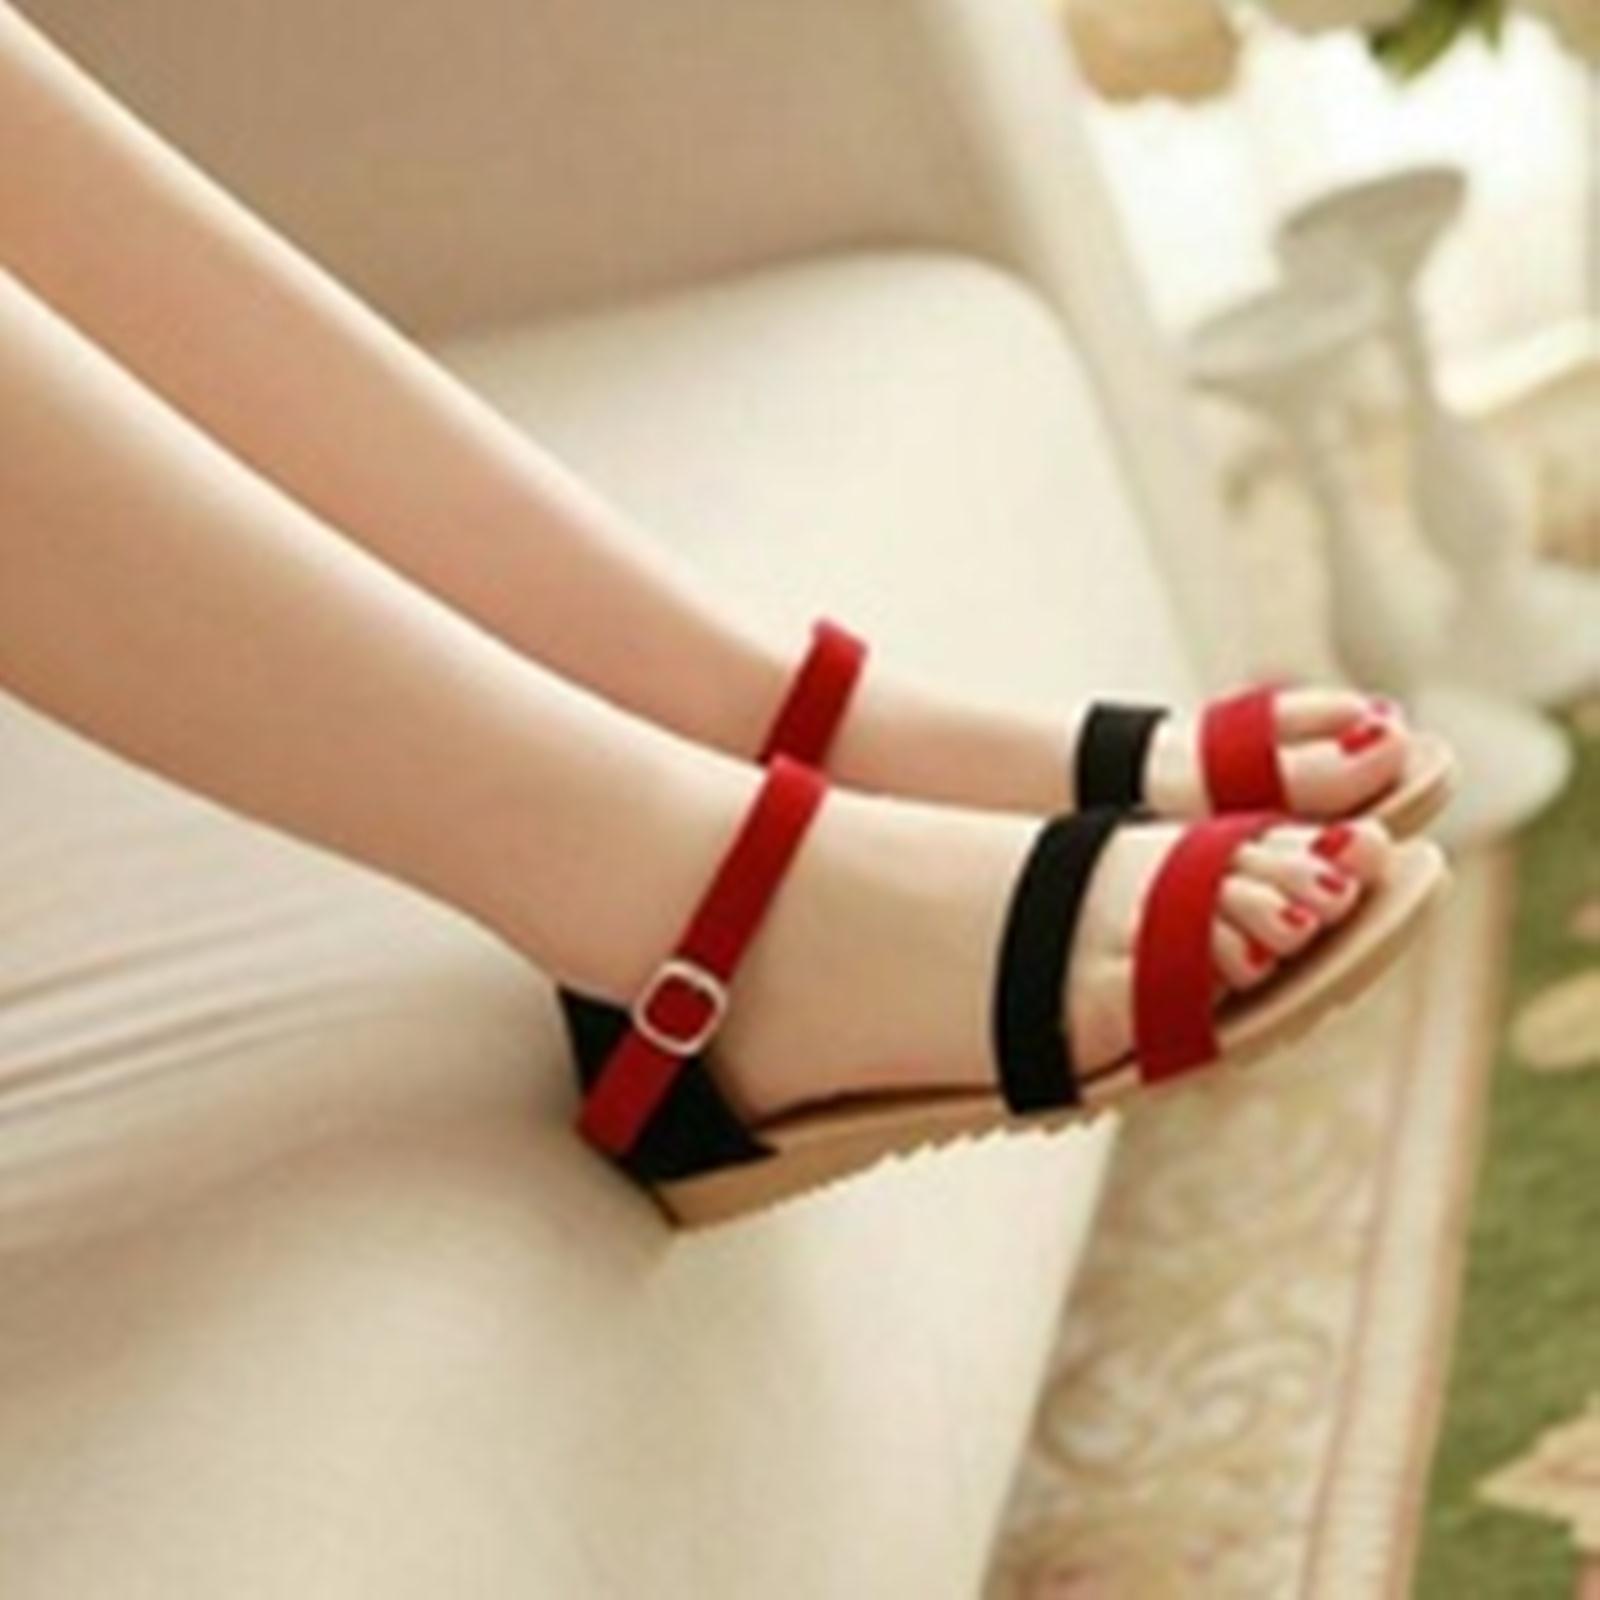 Sepatu Sendal Perempuan Bunga Samping Merah Harga Terkini Lusty Bunny Baby Shoes Sandal Bunyi 2 Little Flower Pink21 Jual Wanita Cewek Double Suede Hitam Sh 07 Styler